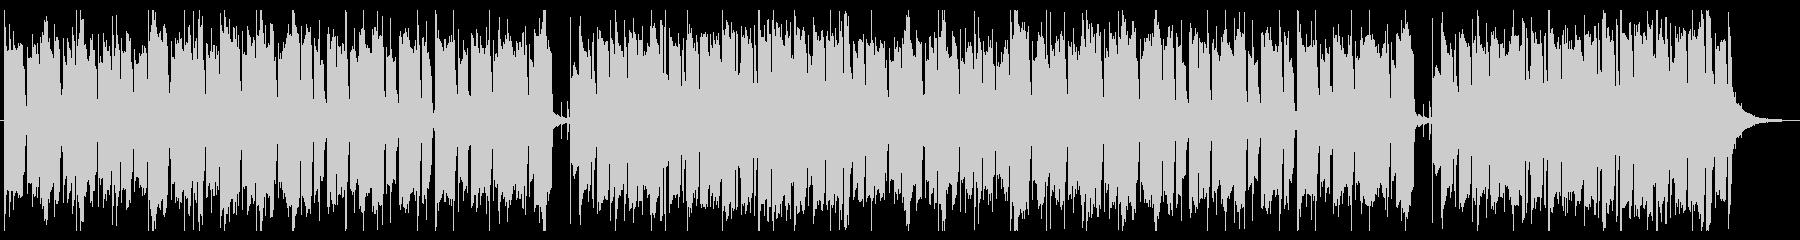 レシピ動画のBGMをイメージしたインストの未再生の波形